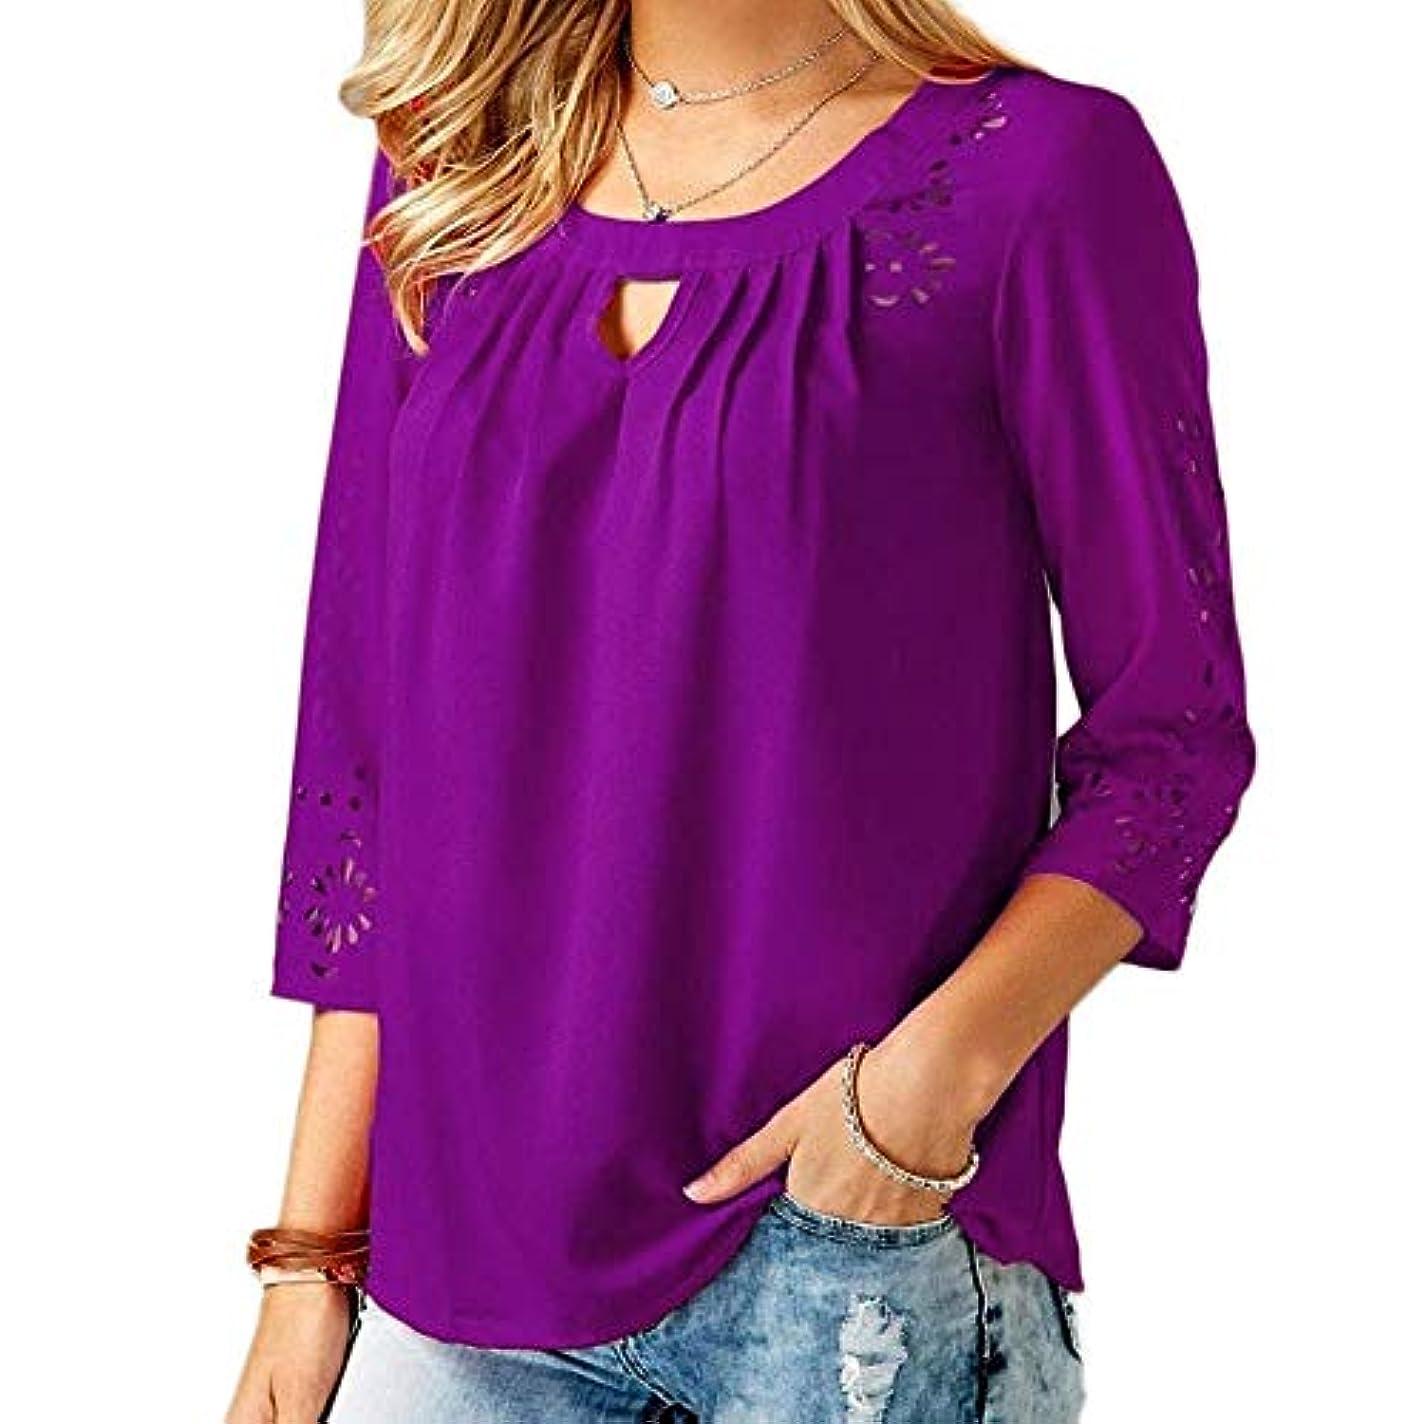 踏みつけ広まったラベMIFAN ゆったりTシャツ、シフォンシャツ、カジュアルシャツ、女性トップ、プラスサイズトップ